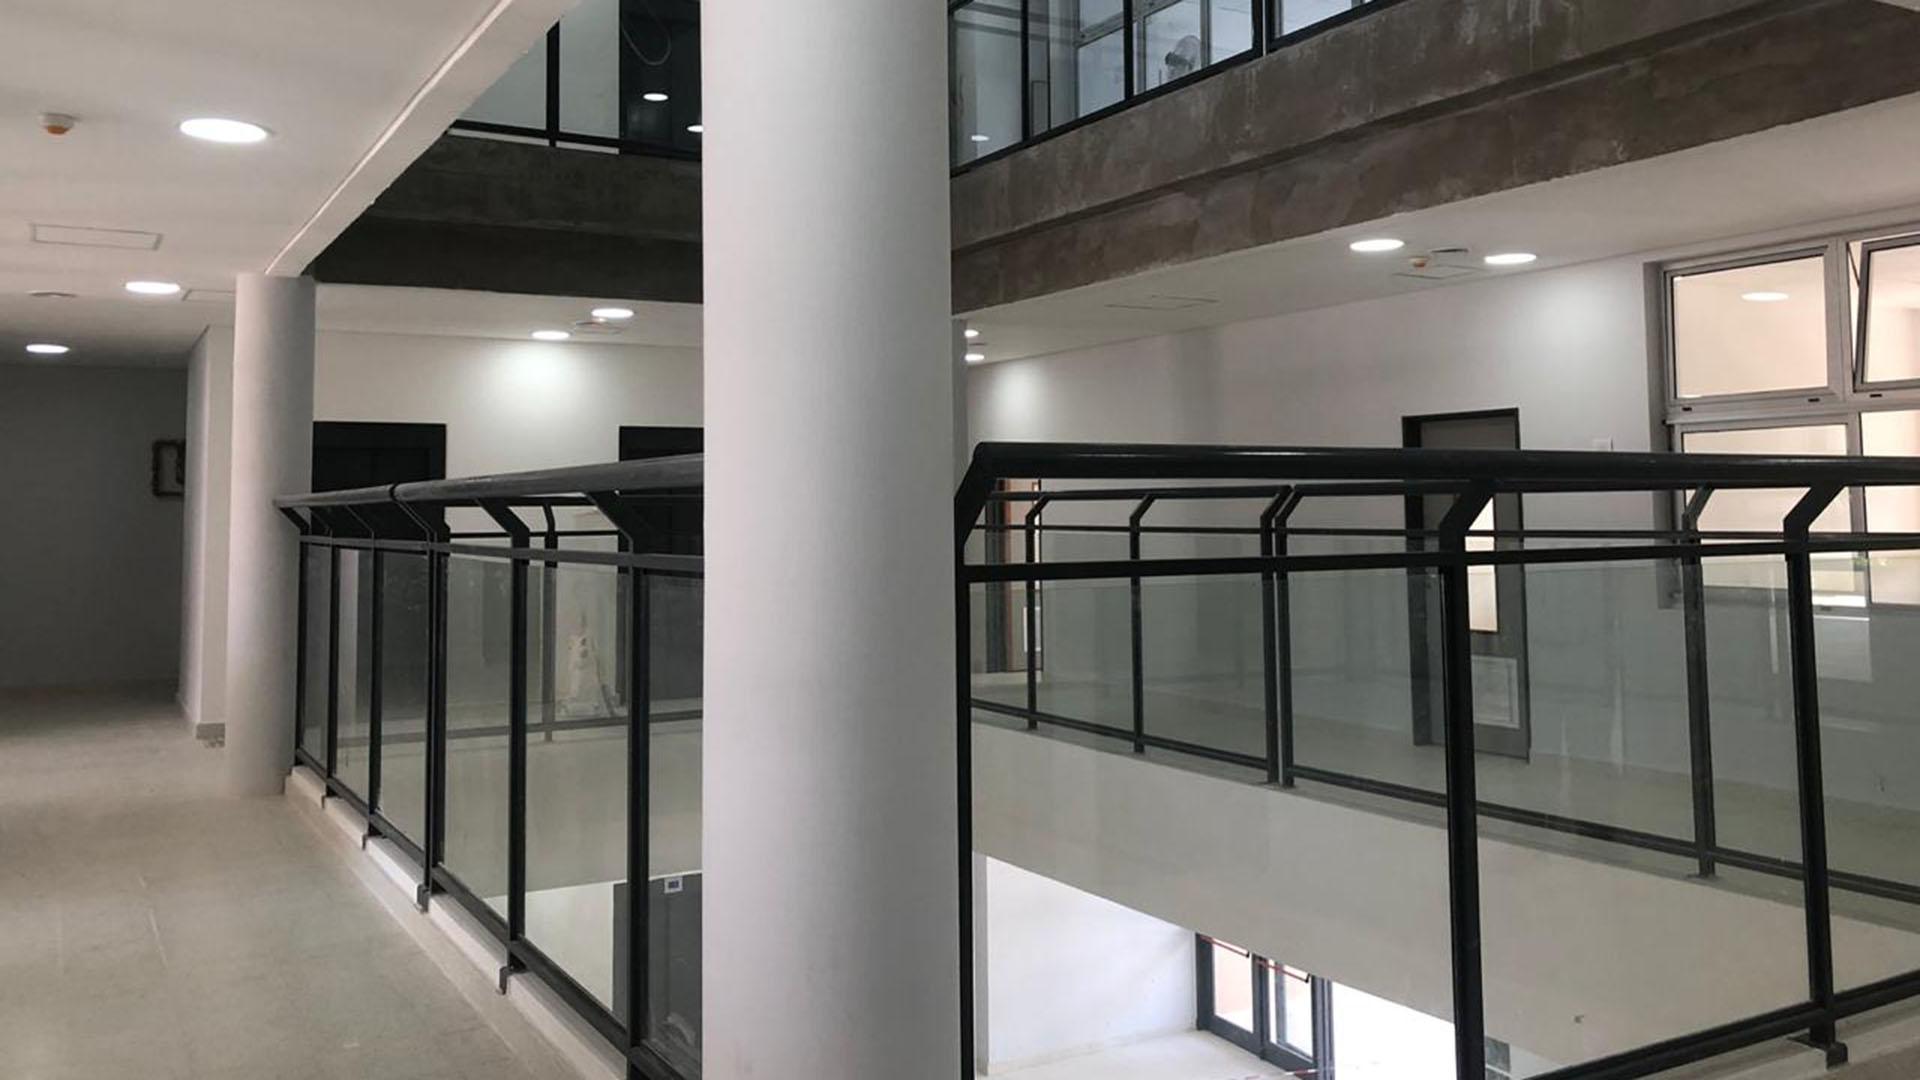 El nuevo edificio tiene cuatro pisos